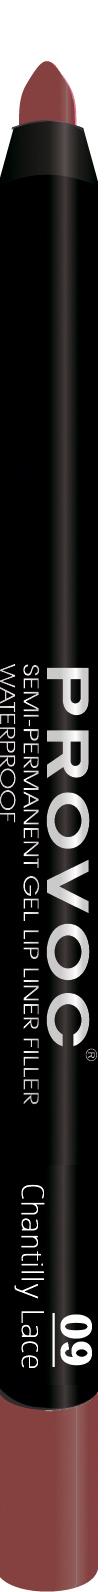 PROVOC Подводка гелевая в карандаше для губ, 09 розовый с шиммером / Gel Lip Liner 009 Chantilly Lace 7 г